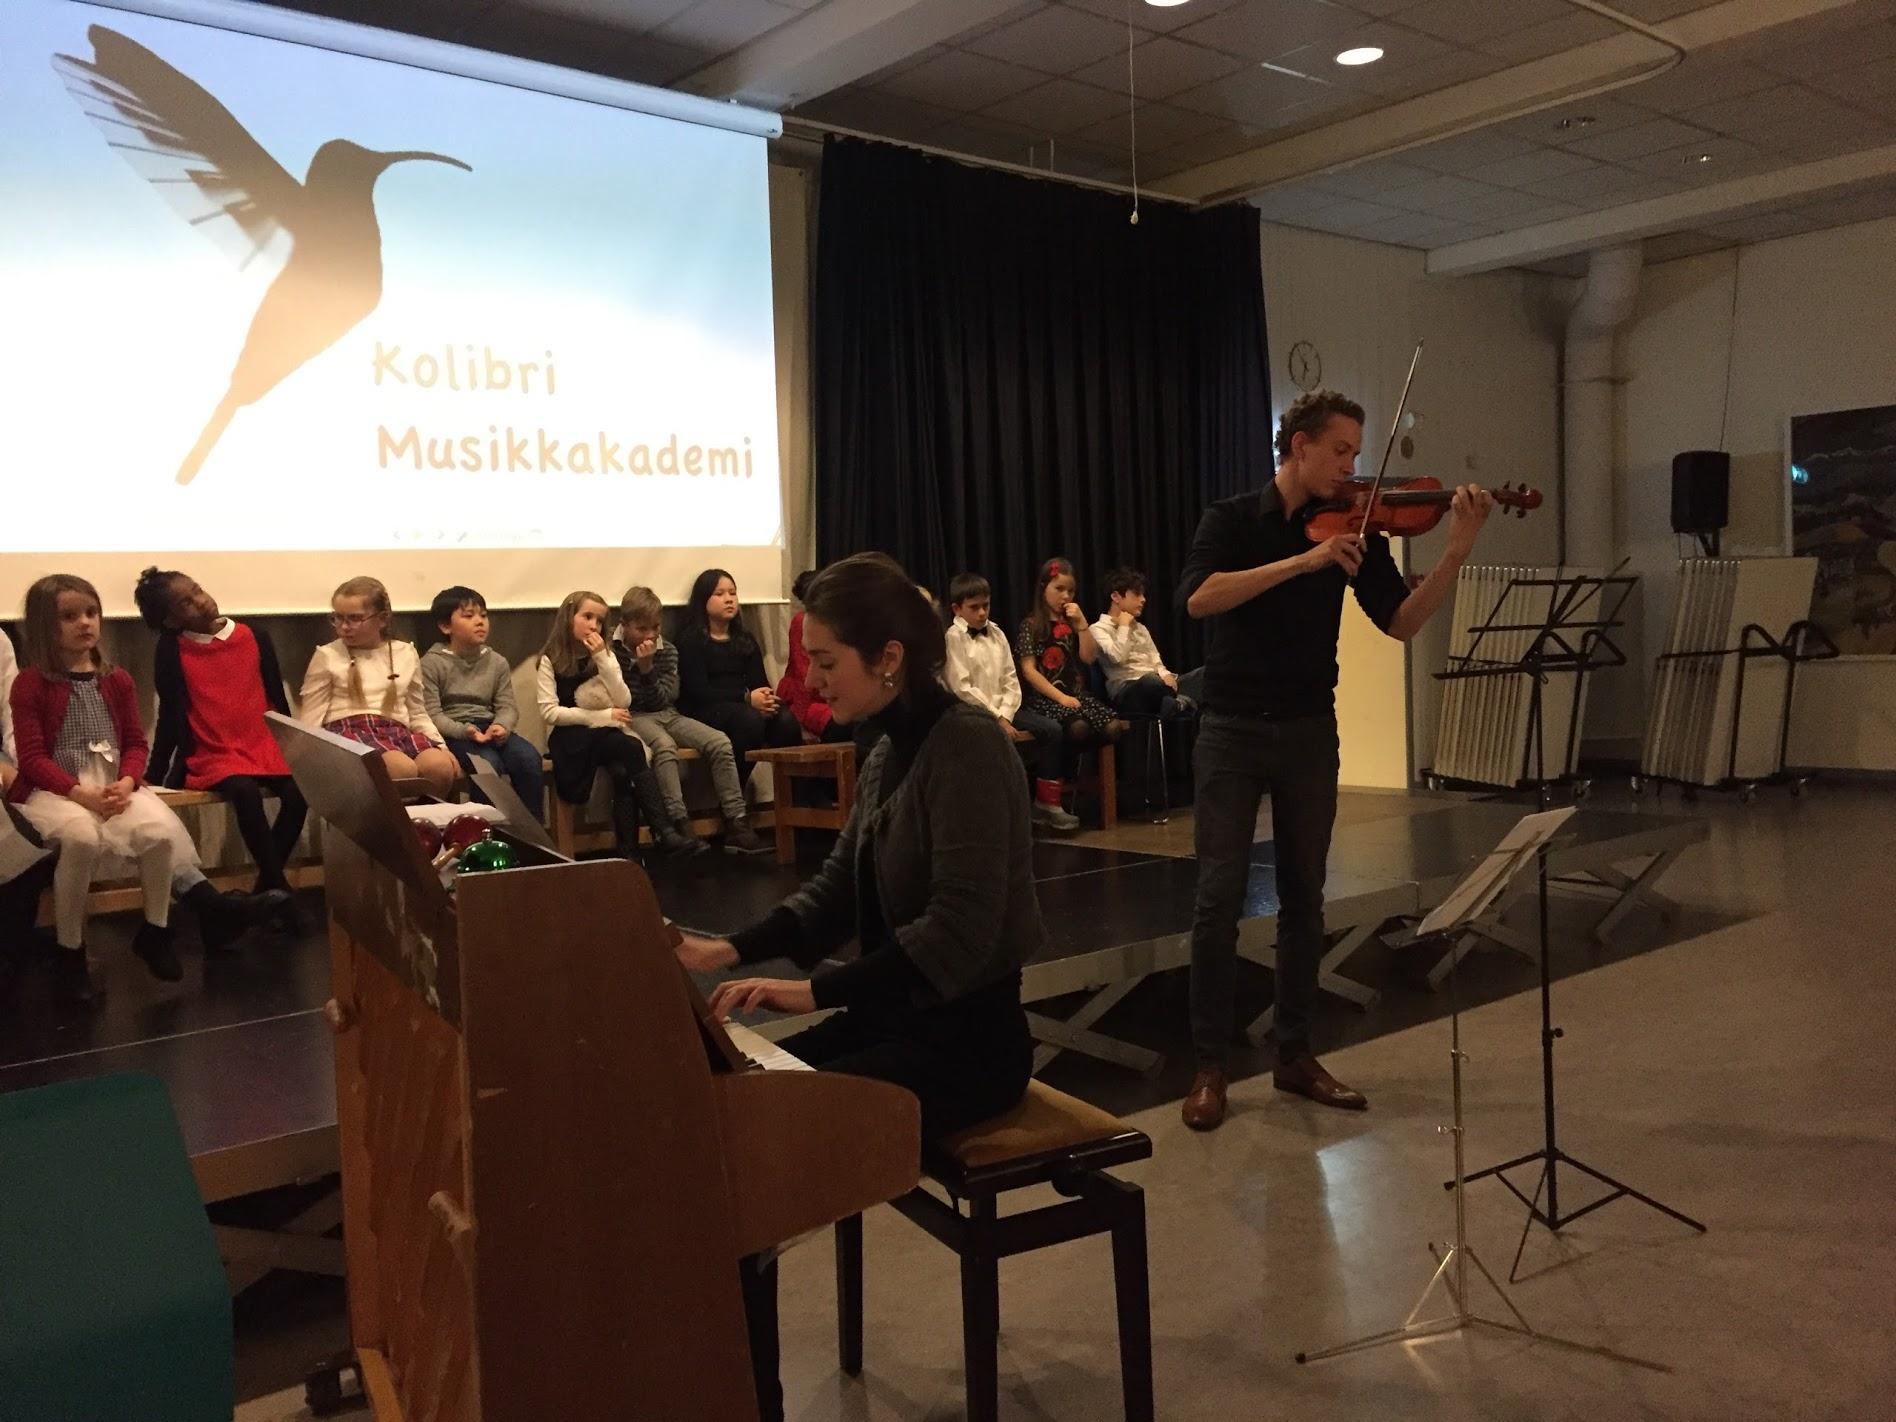 fiolin- voksen elev spiller sammen med pianolærer